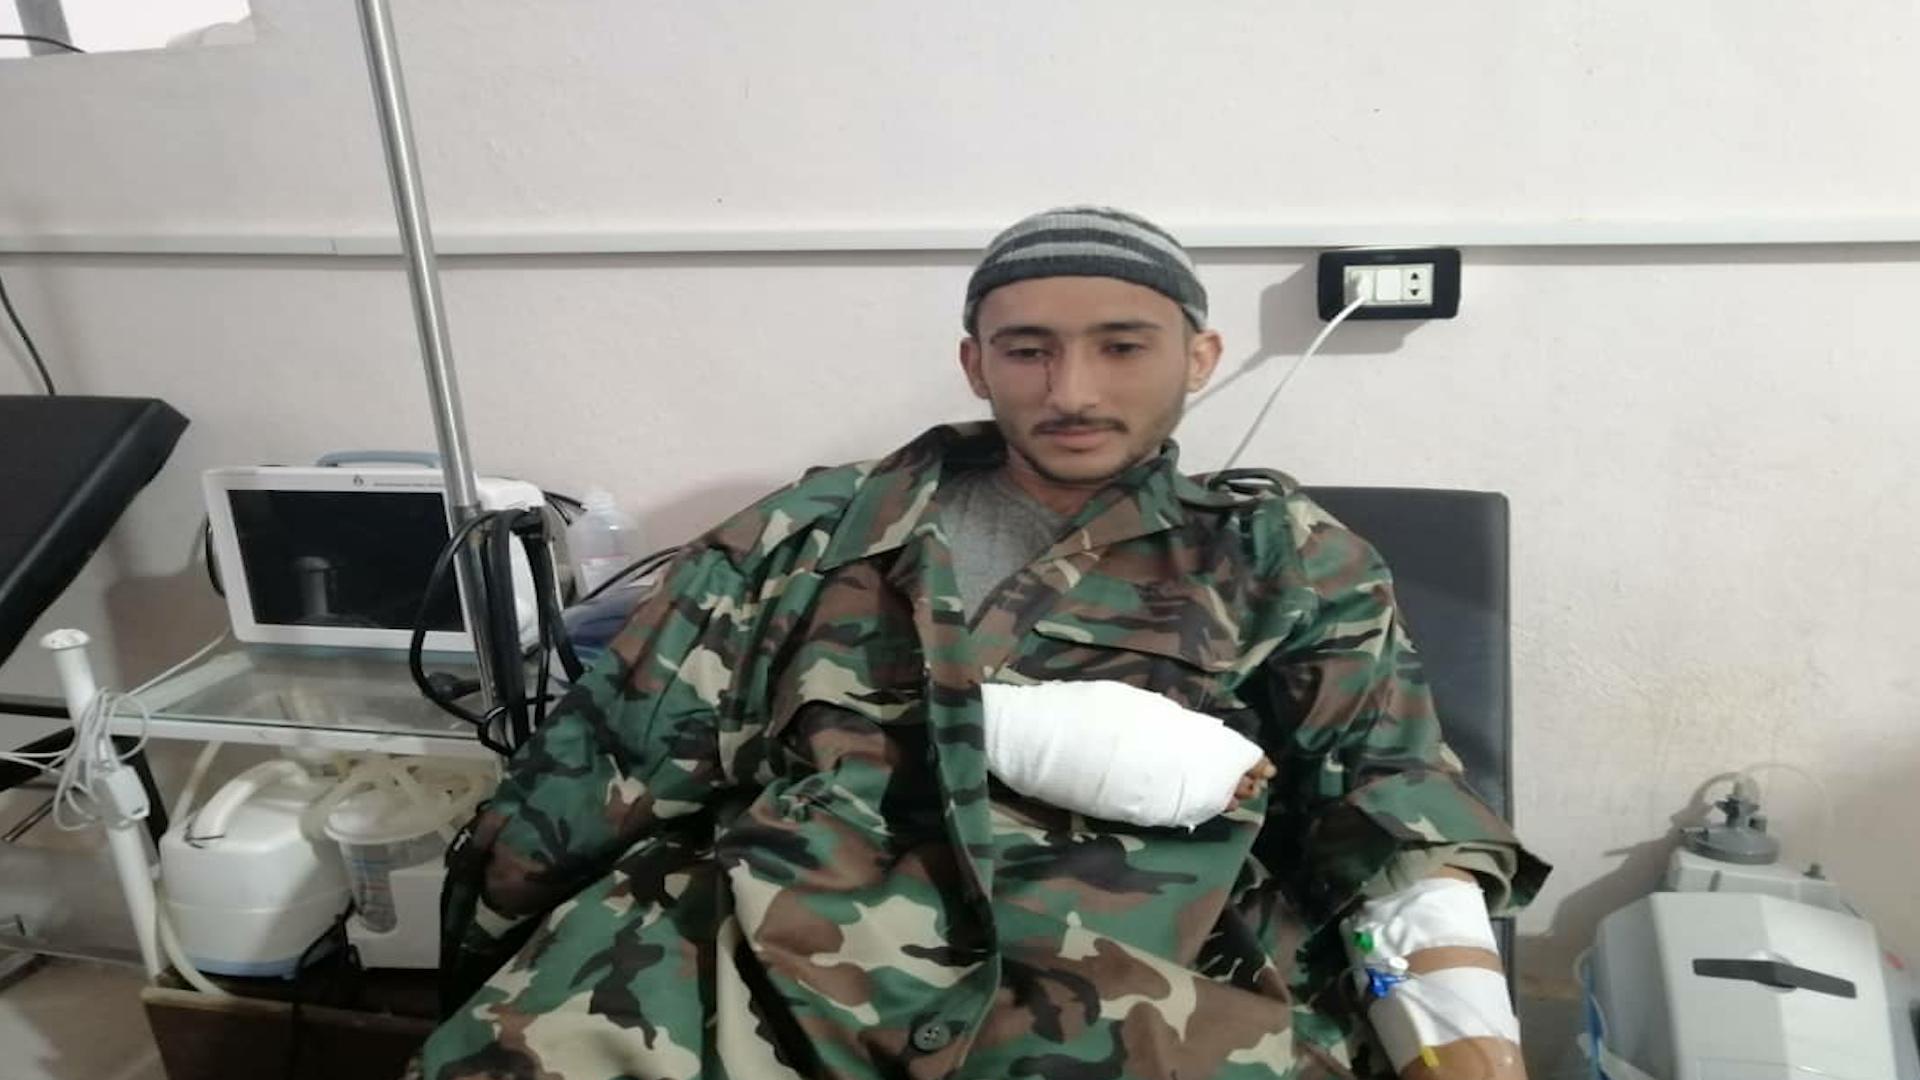 Photo of Çeteyan, êrîşî erebeyek leşkerên rejîma Sûrî kir